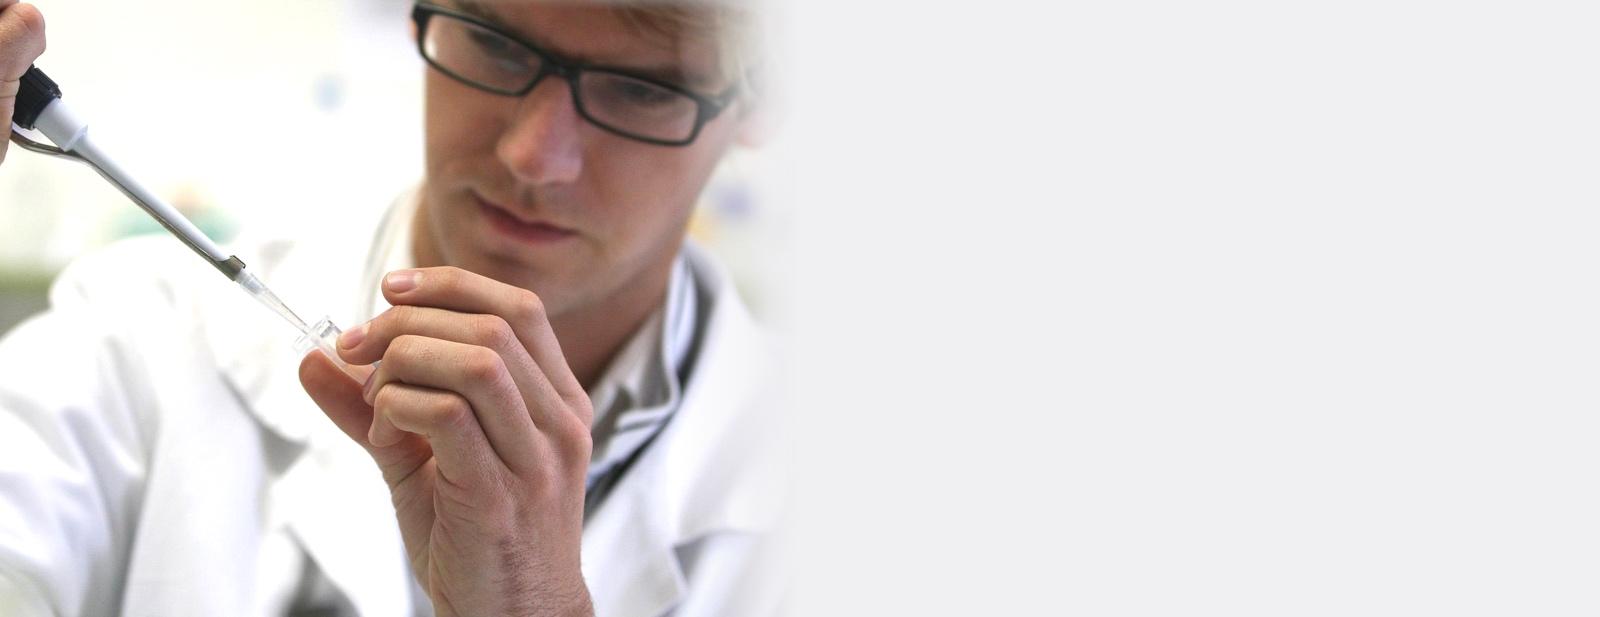 Un scientifique avec une pipette